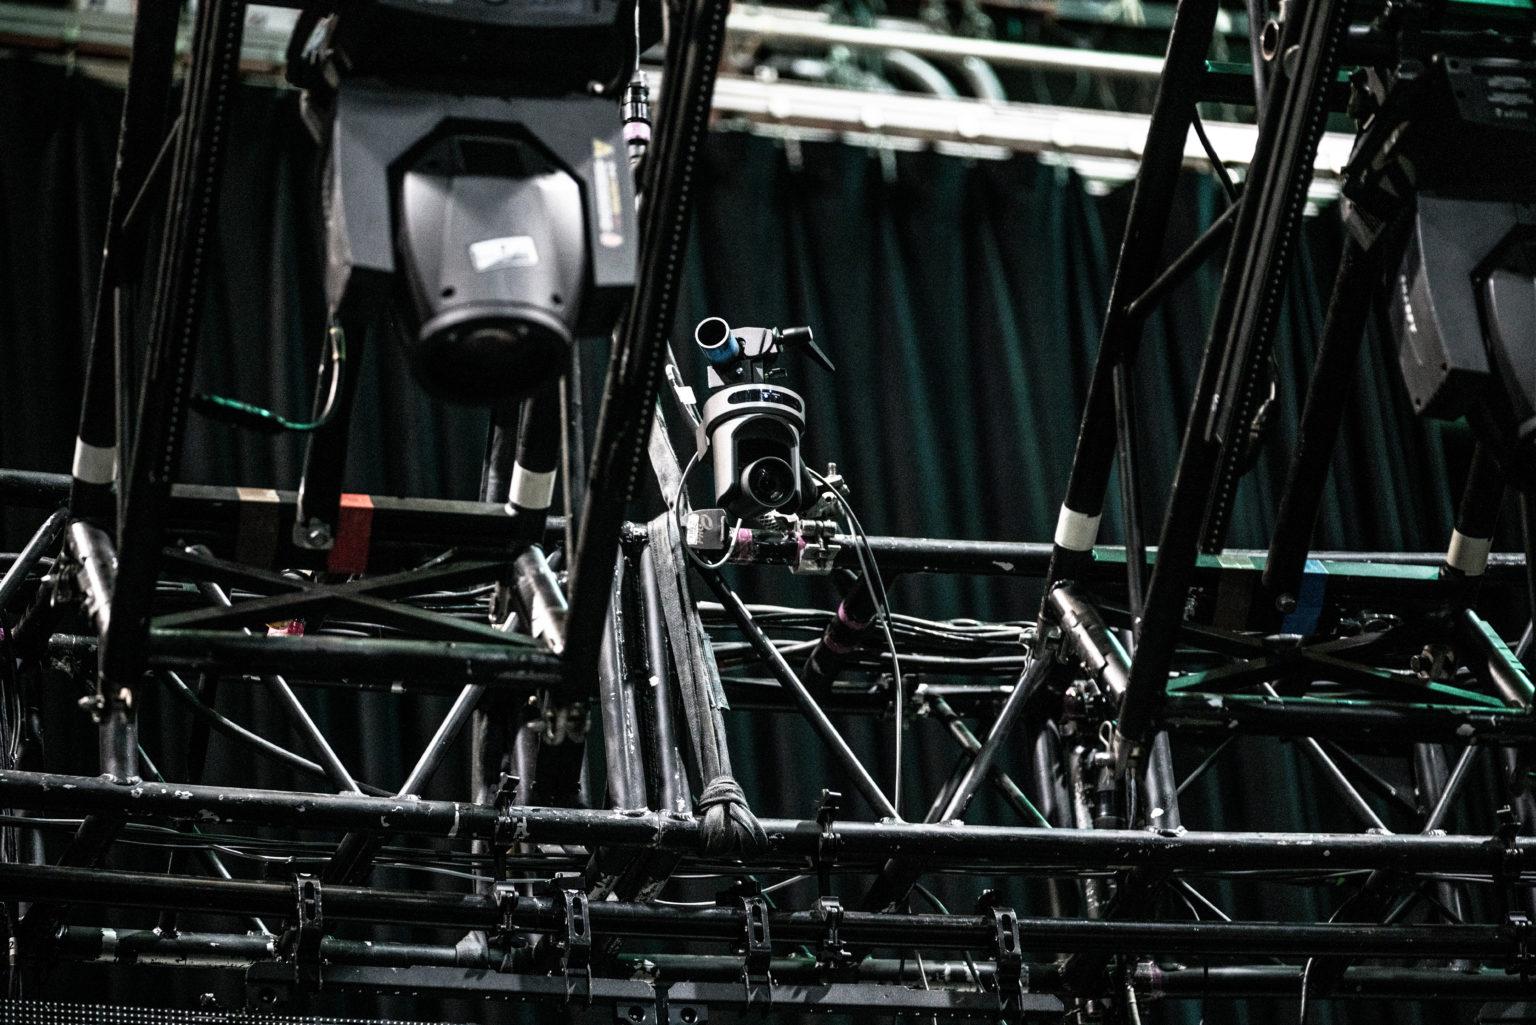 PTZOptics Camera on DJ Set